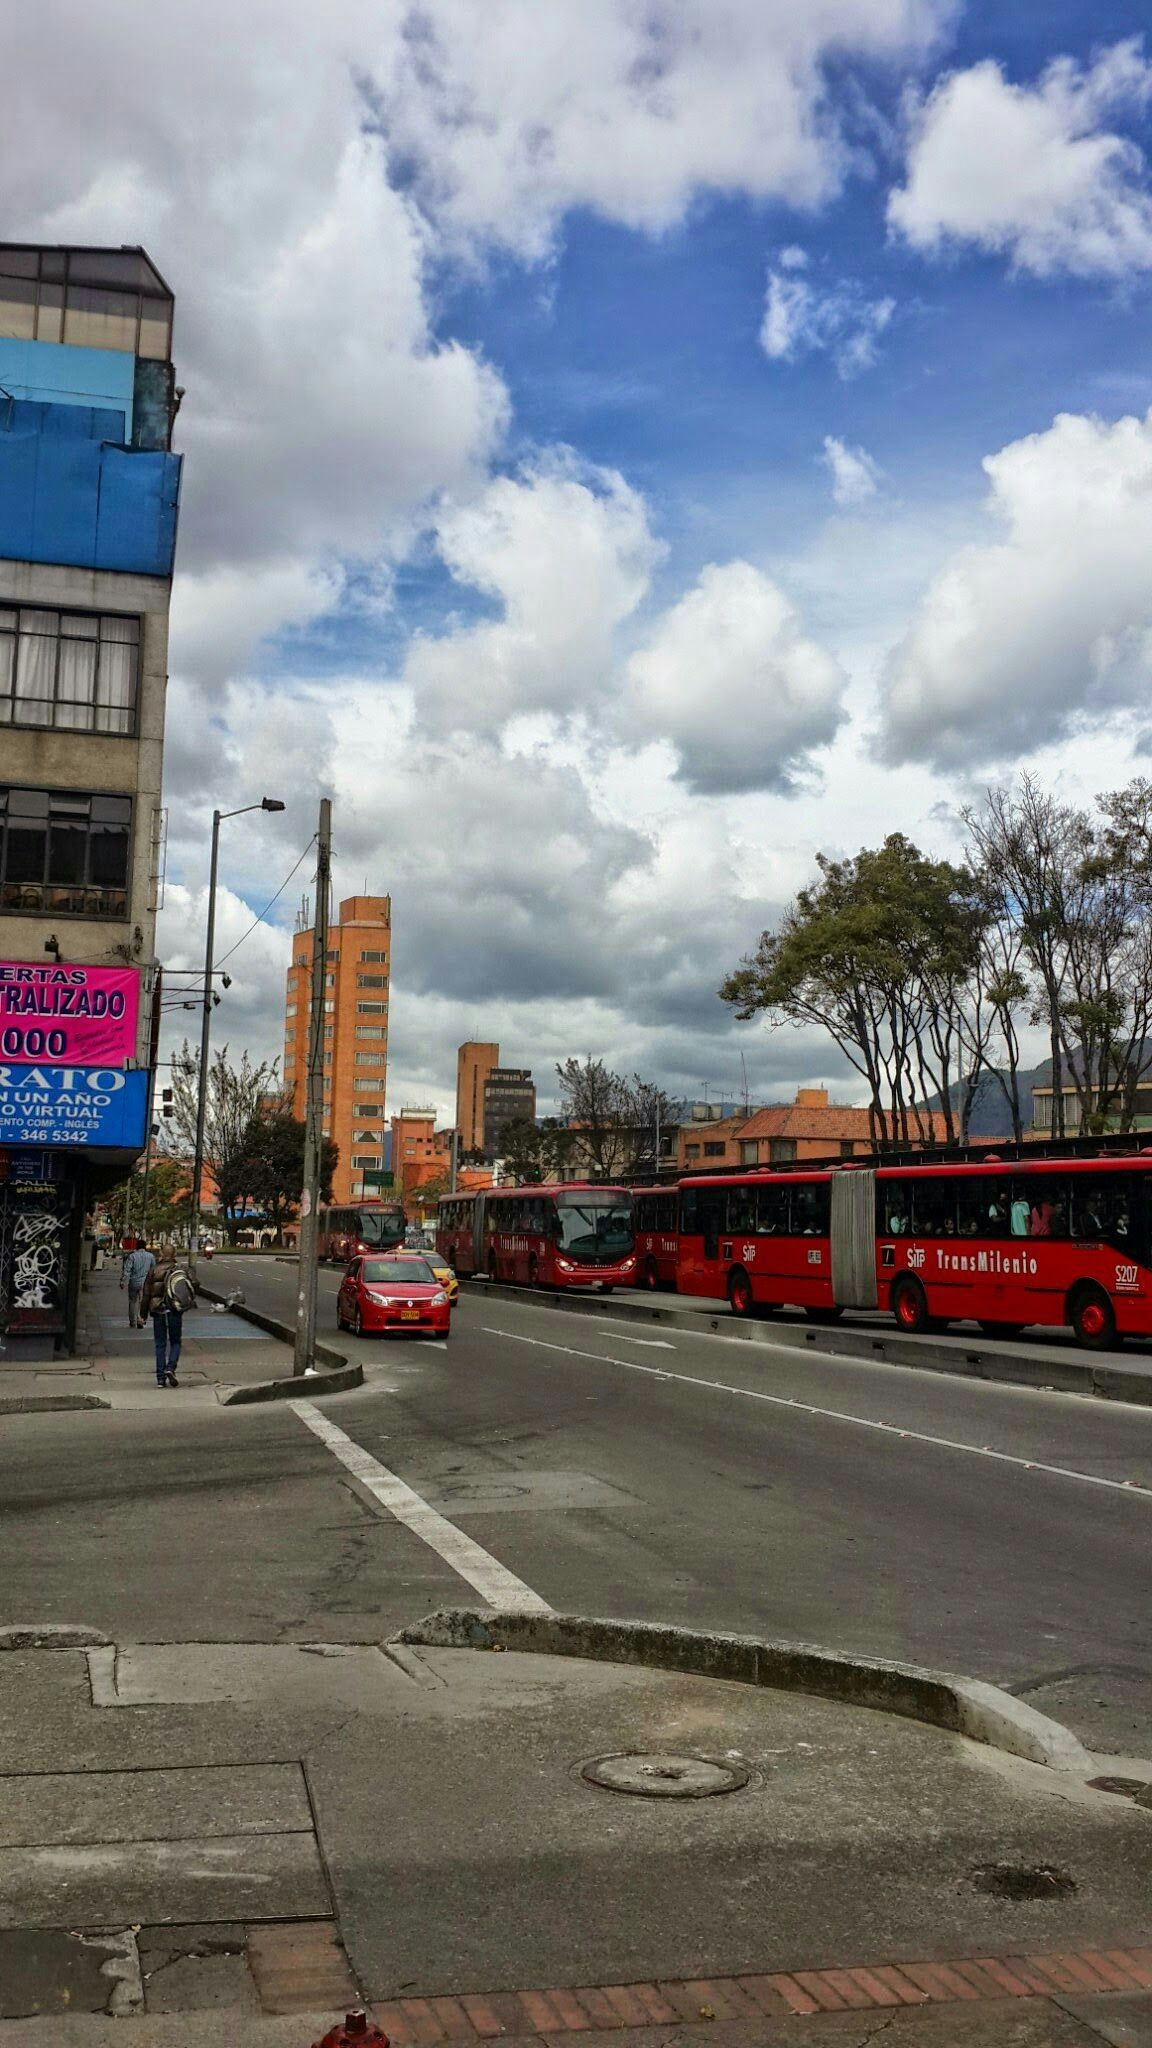 #bogota #colombia